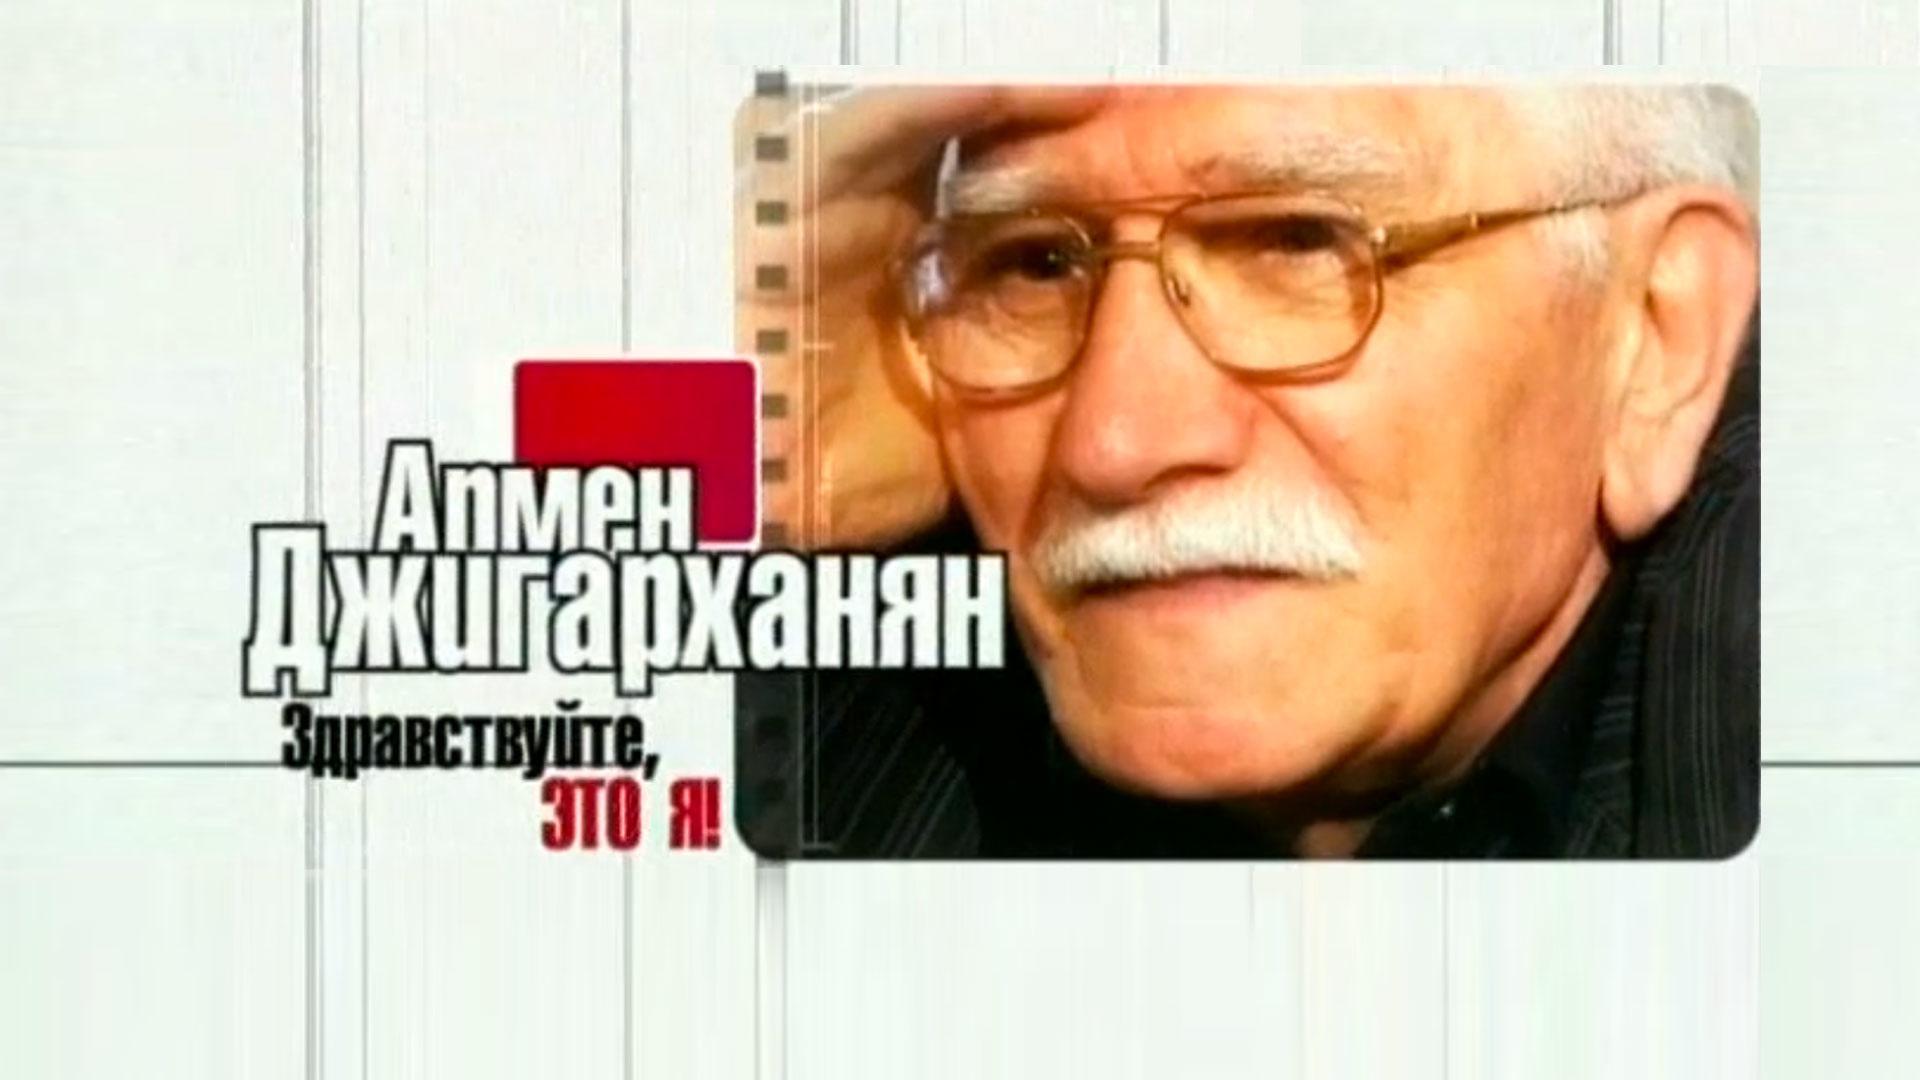 Армен Джигарханян. Здравствуй, это я!